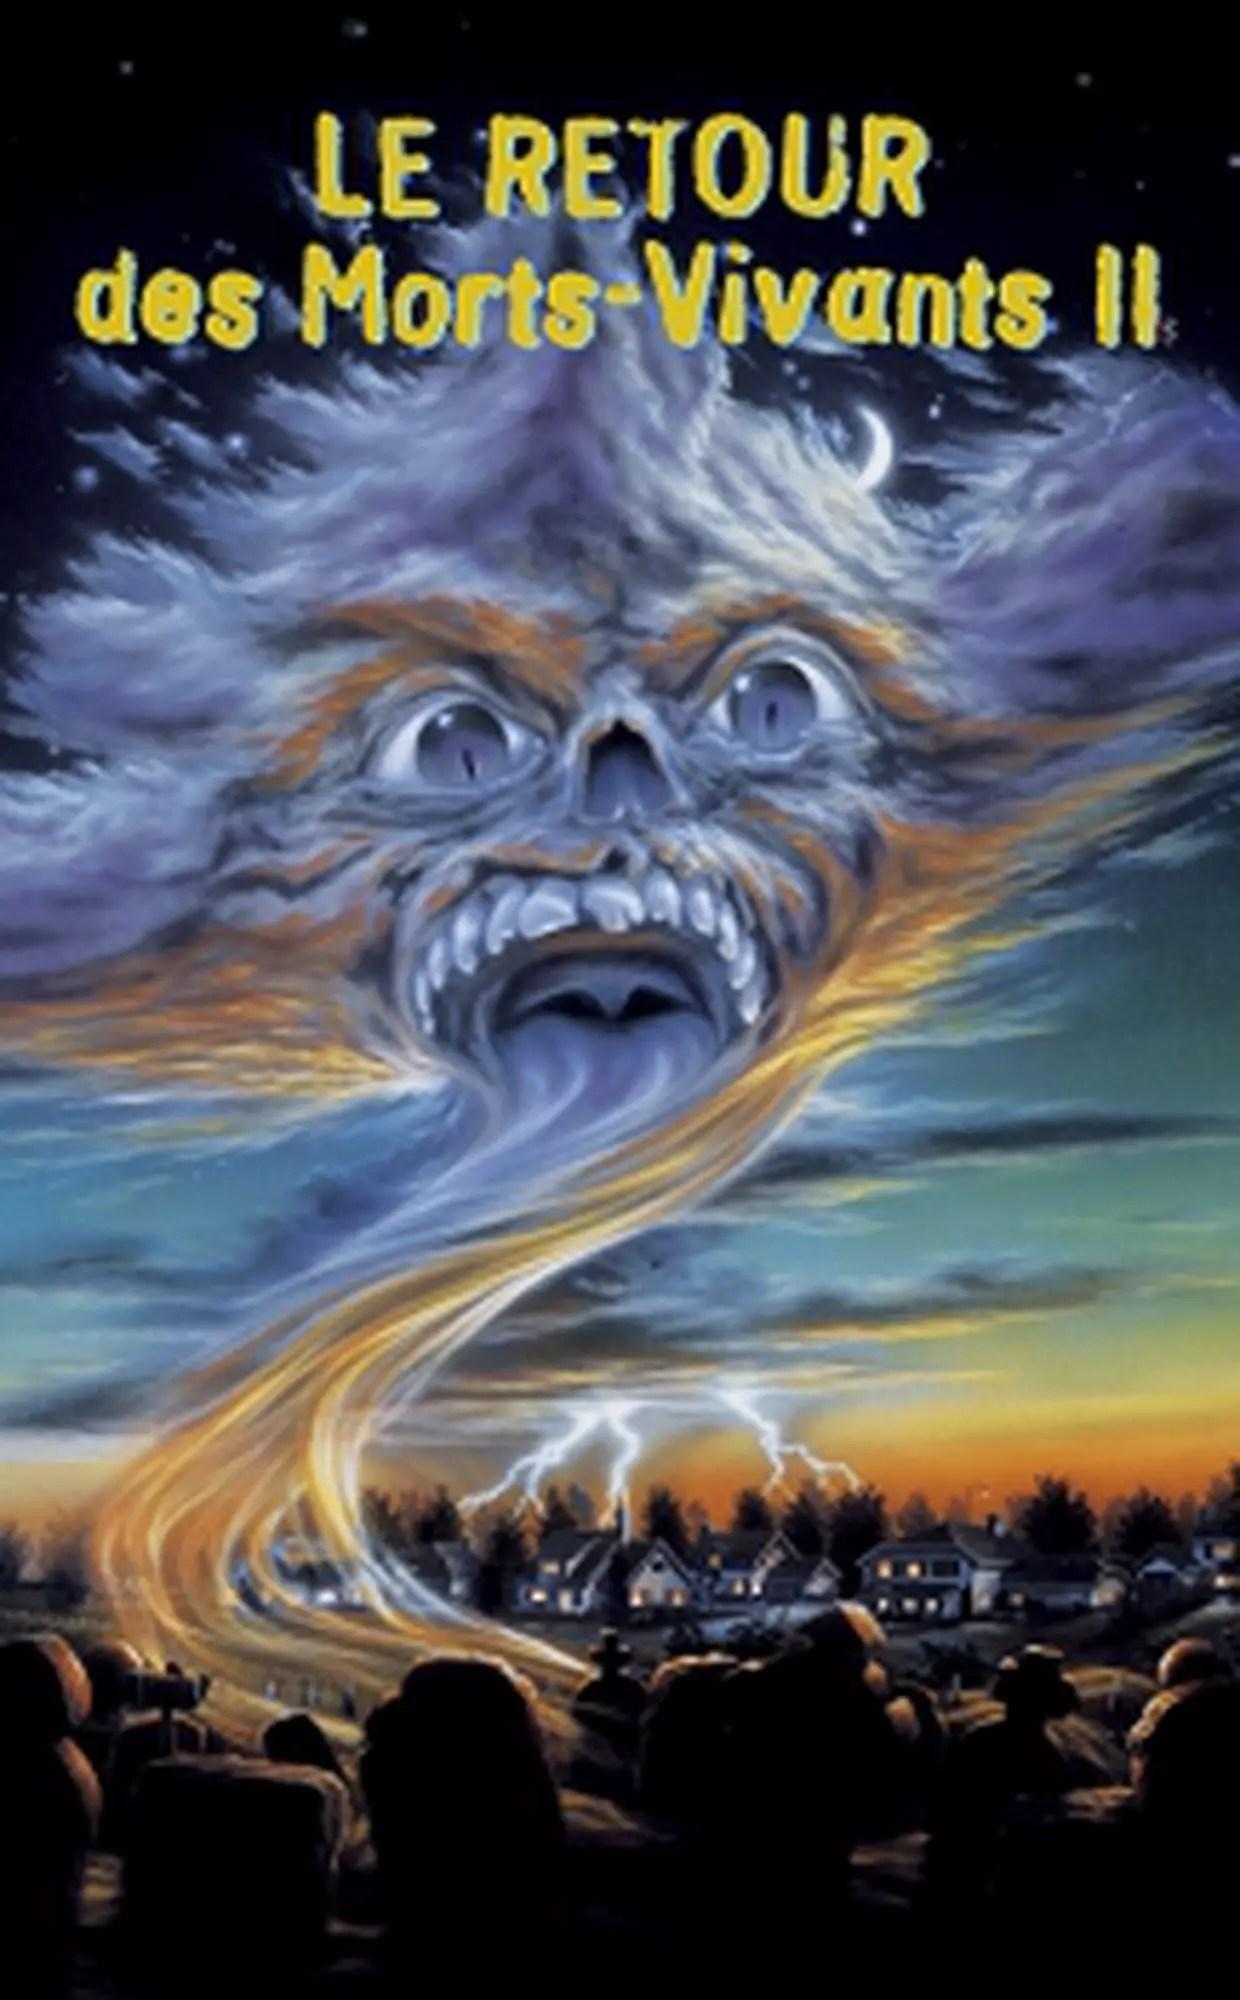 Le Retour Des Morts-vivants 2 : retour, morts-vivants, Retour, Morts-vivants, Bande, Annonce, Film,, Séances,, Streaming,, Sortie,